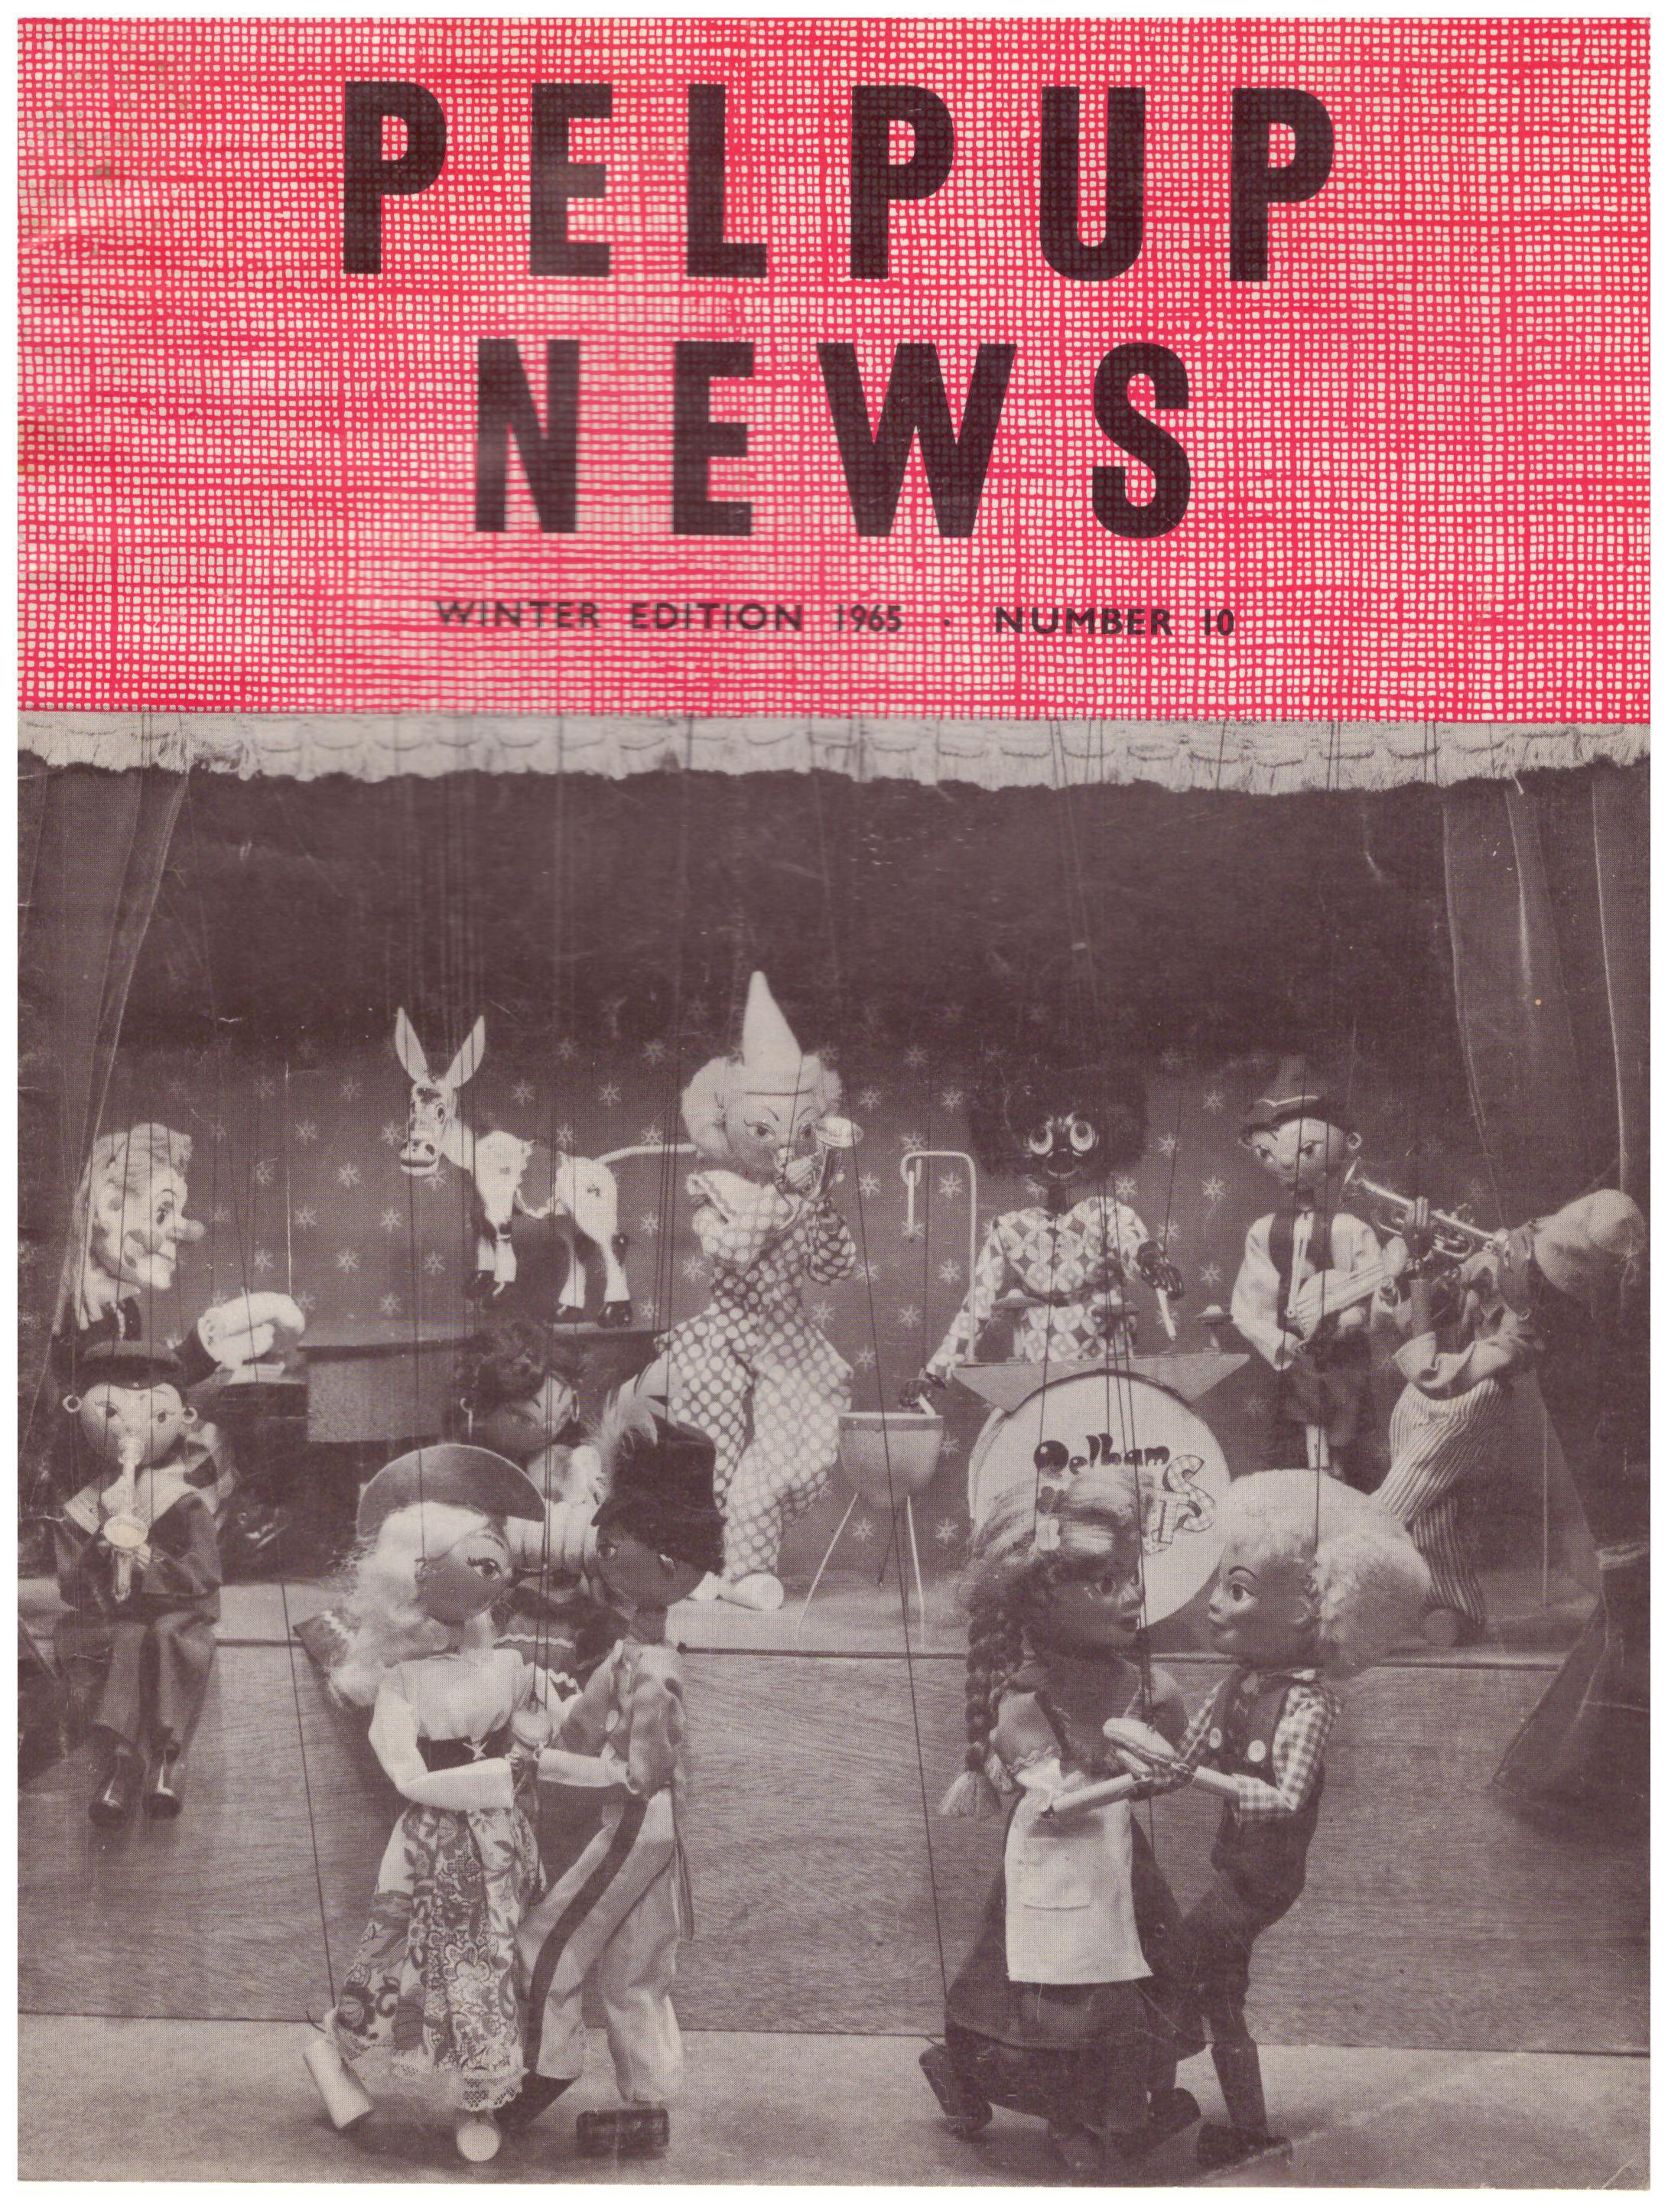 Winter Edition 1965 - No 10